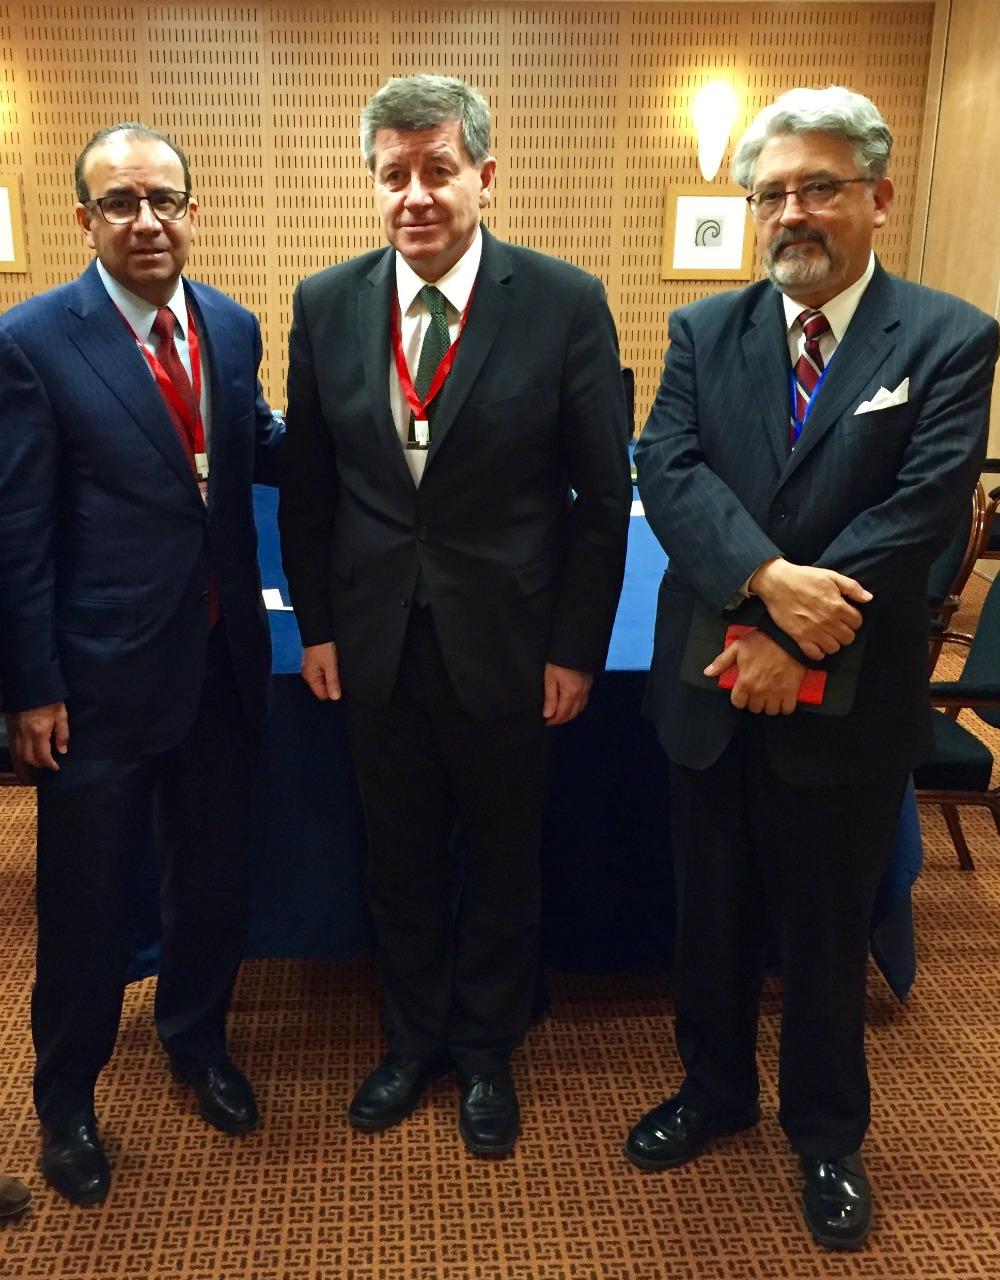 Reunion del Secretario del Trabajo y Prevision Social Alfonso Navarrete Prida con el Director General de la Organizaci n Internacional del Trabajo Guy Ryder 2jpg